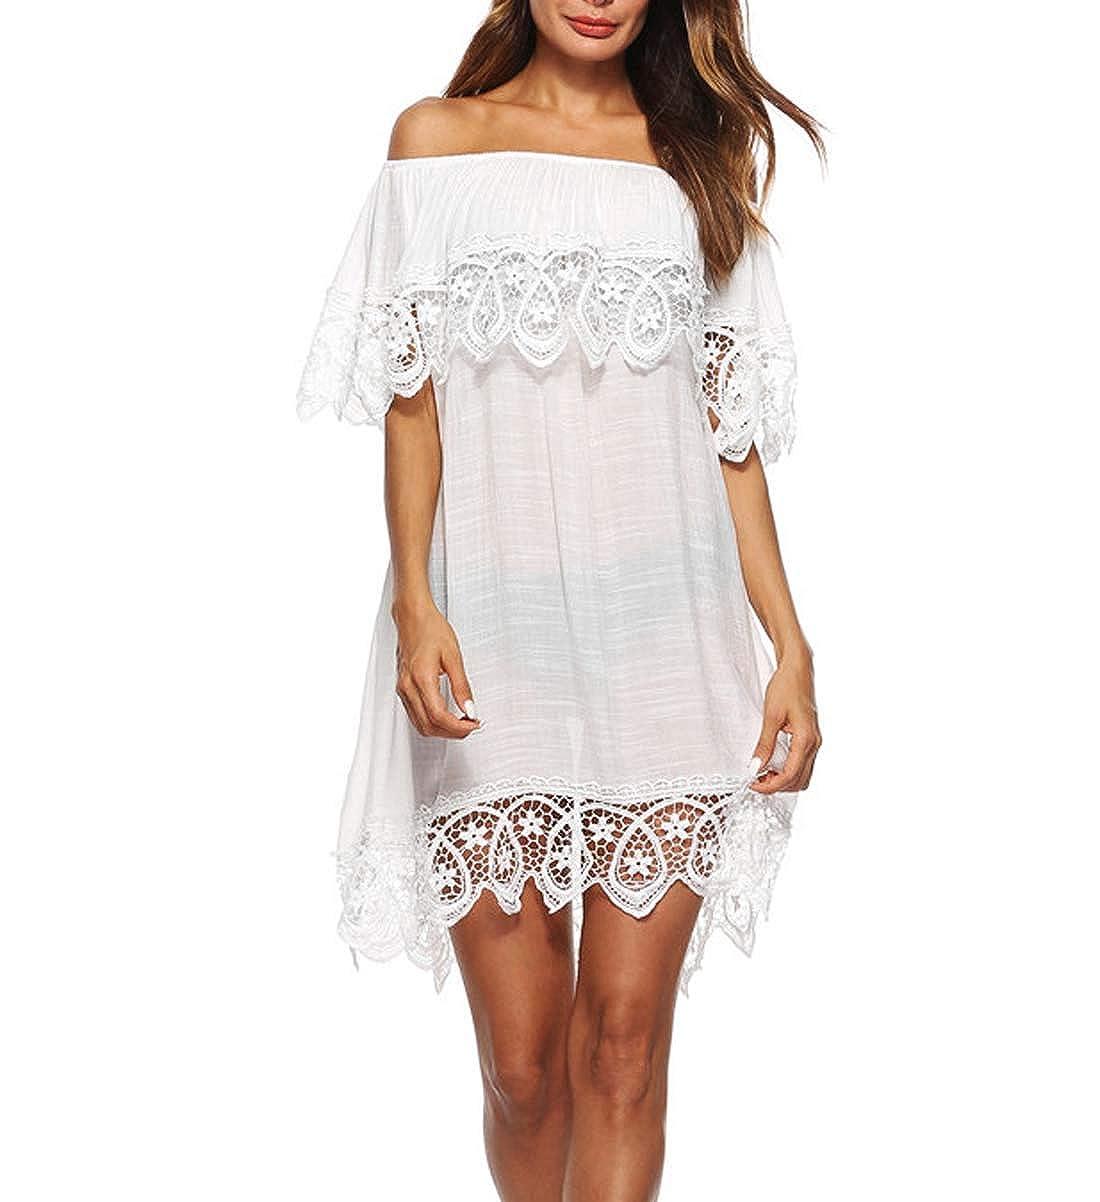 DNFC Strandkleid Damen Sommerkleider Kurz Strand Kleider Weiß Luftig Beach Kleid Spitze Badekleid Bikini Cover Up Tunika Strandponcho Strandkleider für Urlaub